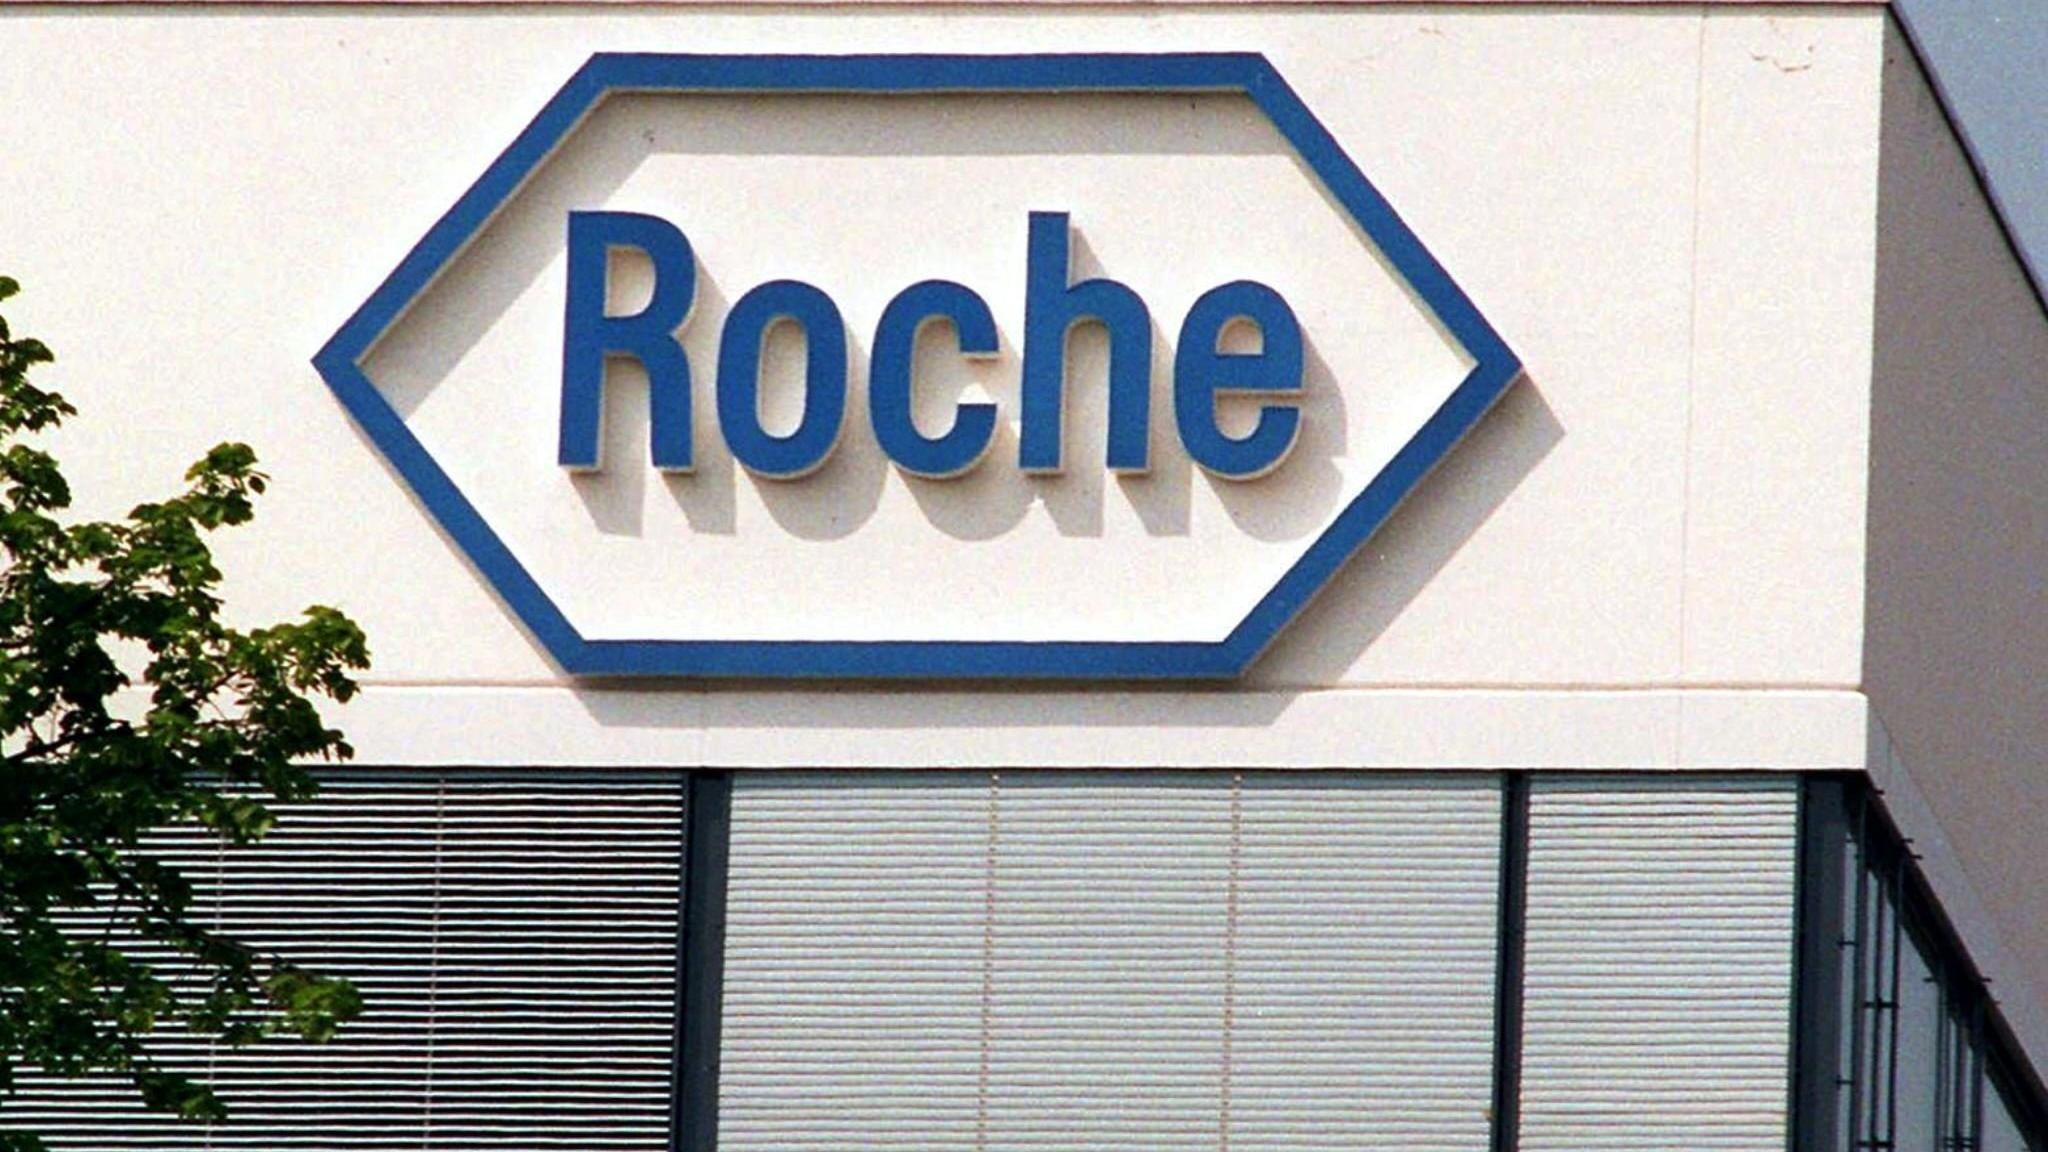 Roche Firmenlogo